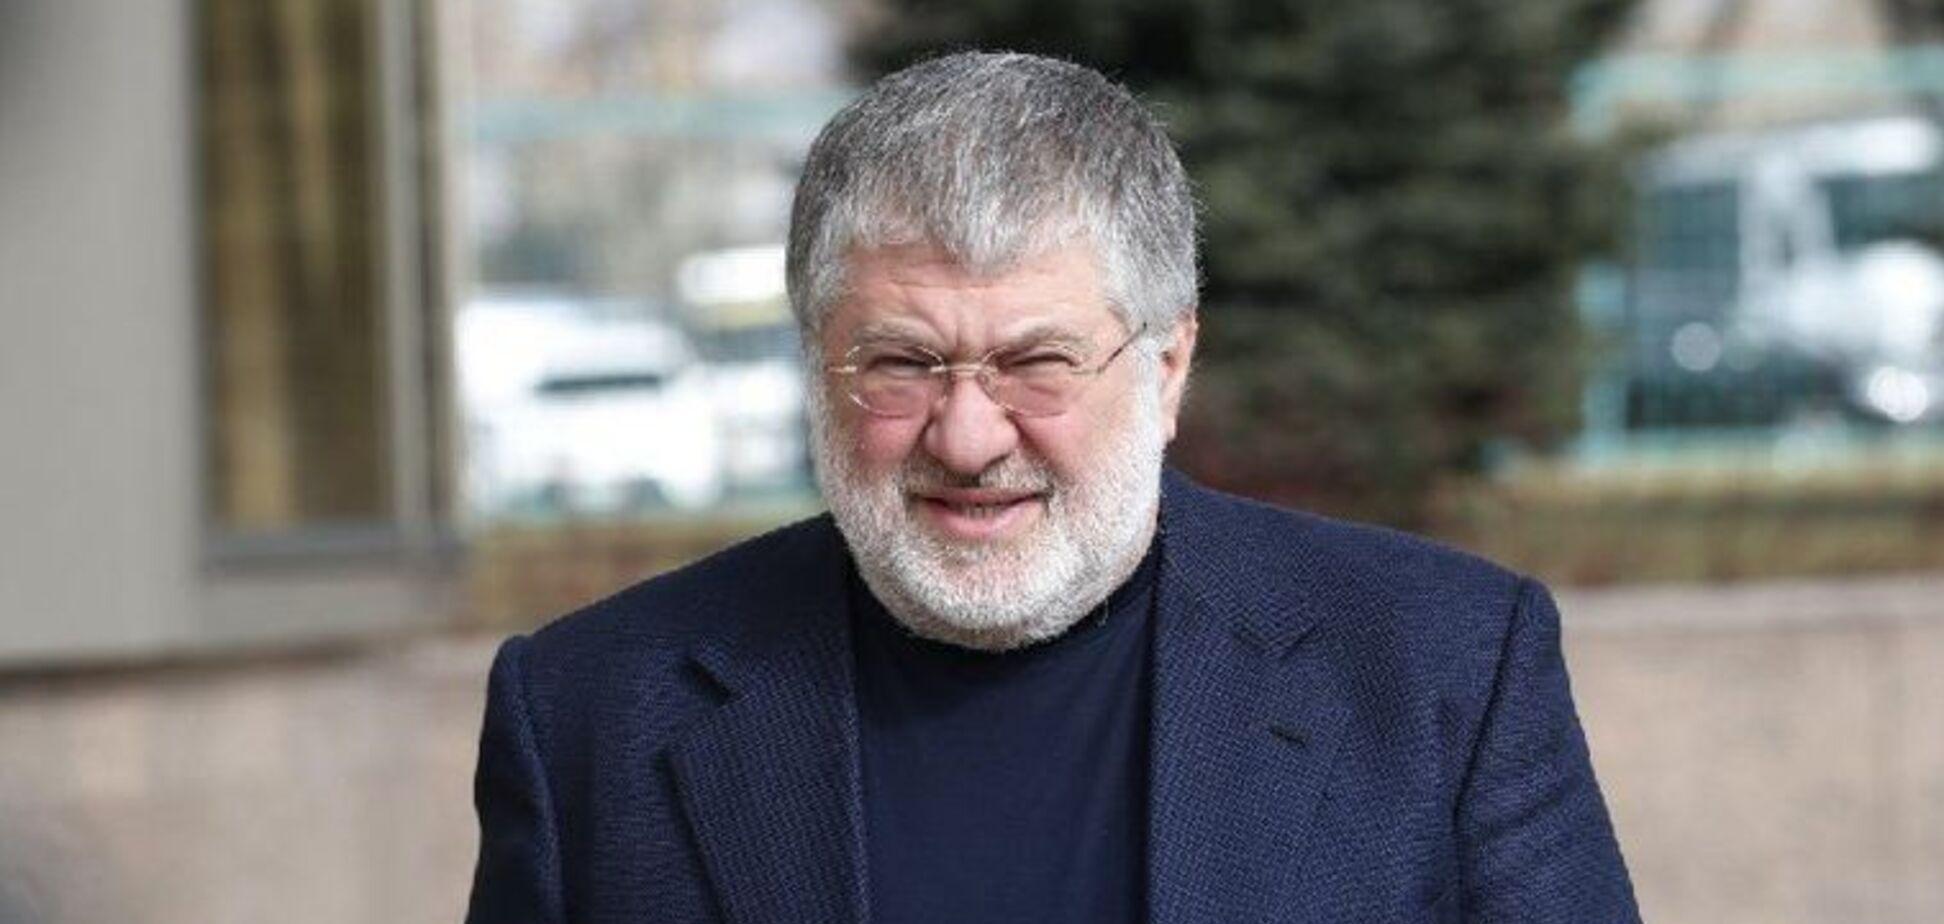 Коломойський прокоментував можливу підозру у справі ПриватБанку